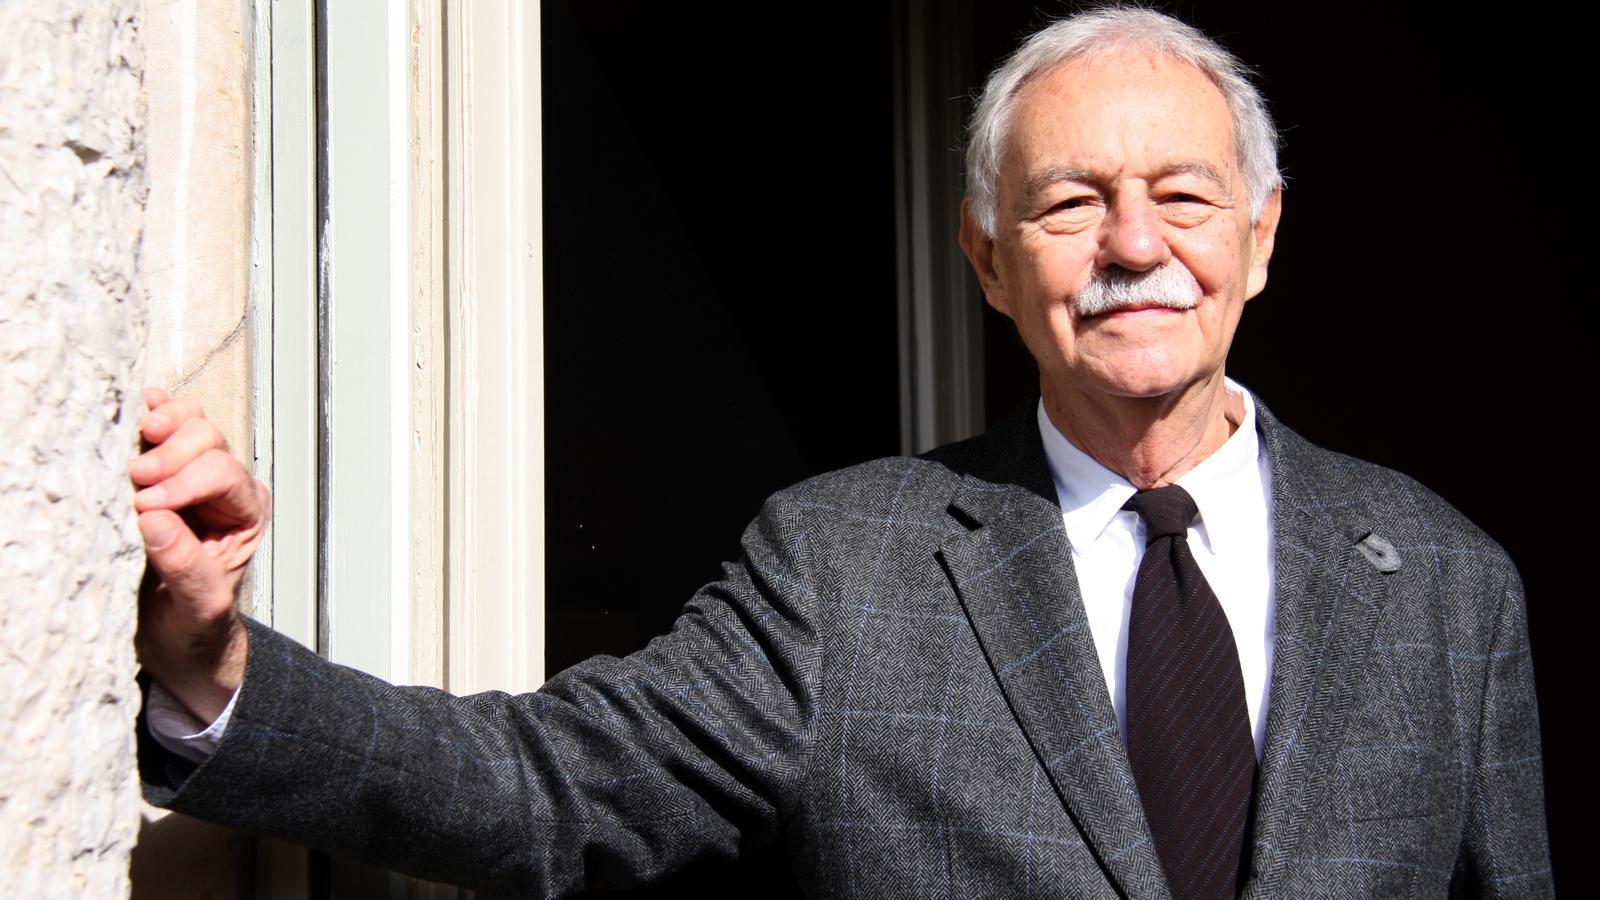 L'escriptor Eduardo Mendoza en un pla mitjà en el balcó de La Pedrera el 29 d'octubre durant la presentació de la seva novel·la 'El secreto de la modelo extraviada'